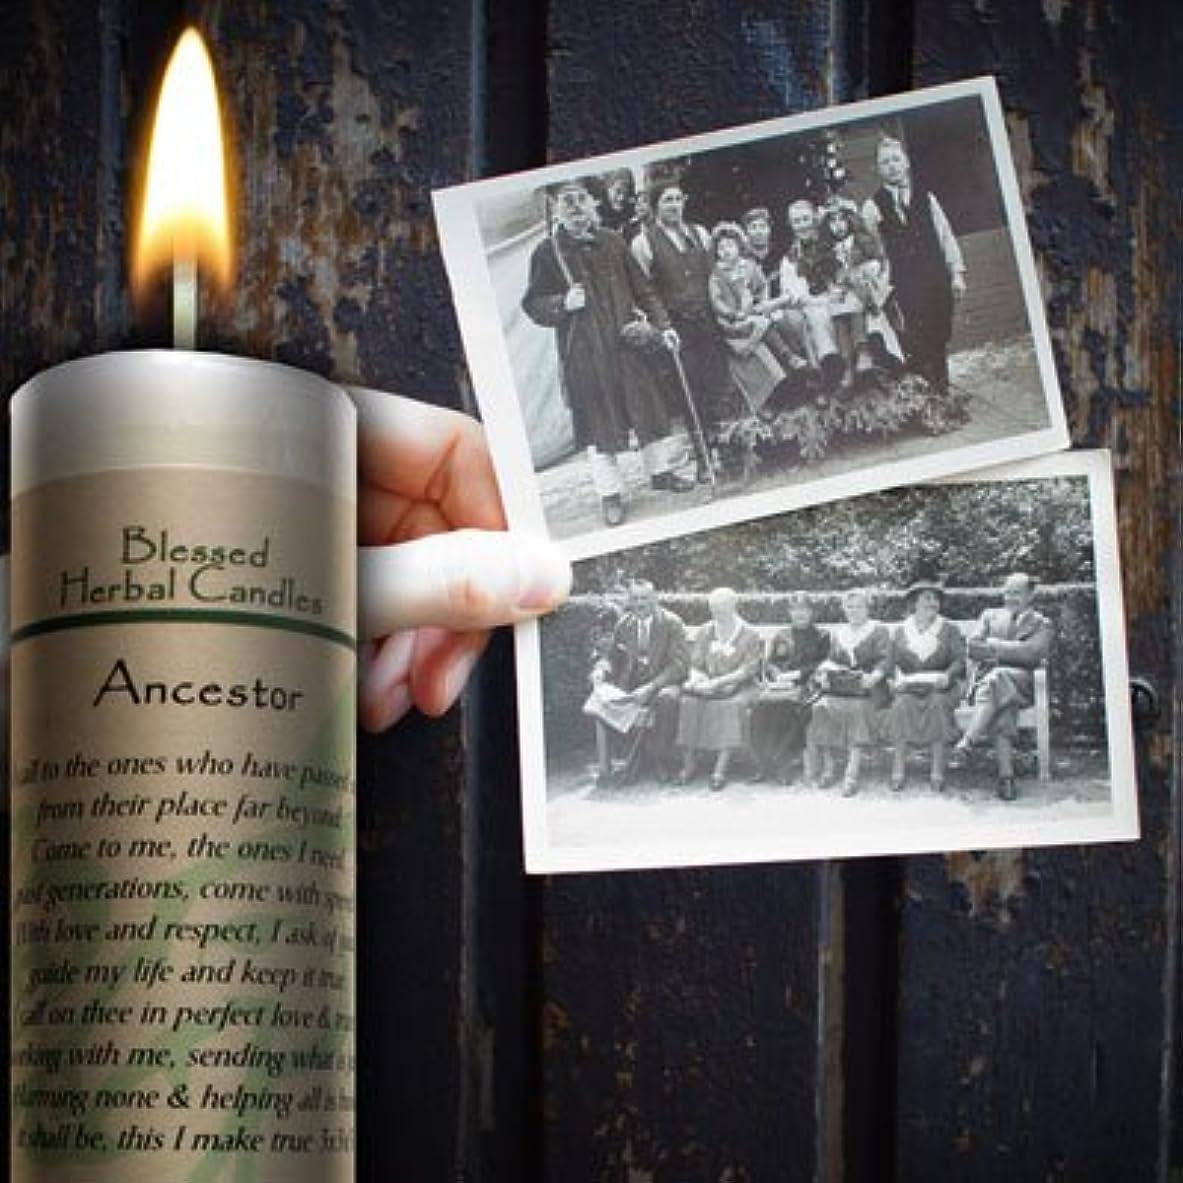 宝石時系列開発するBlessedハーブ祖先Candle